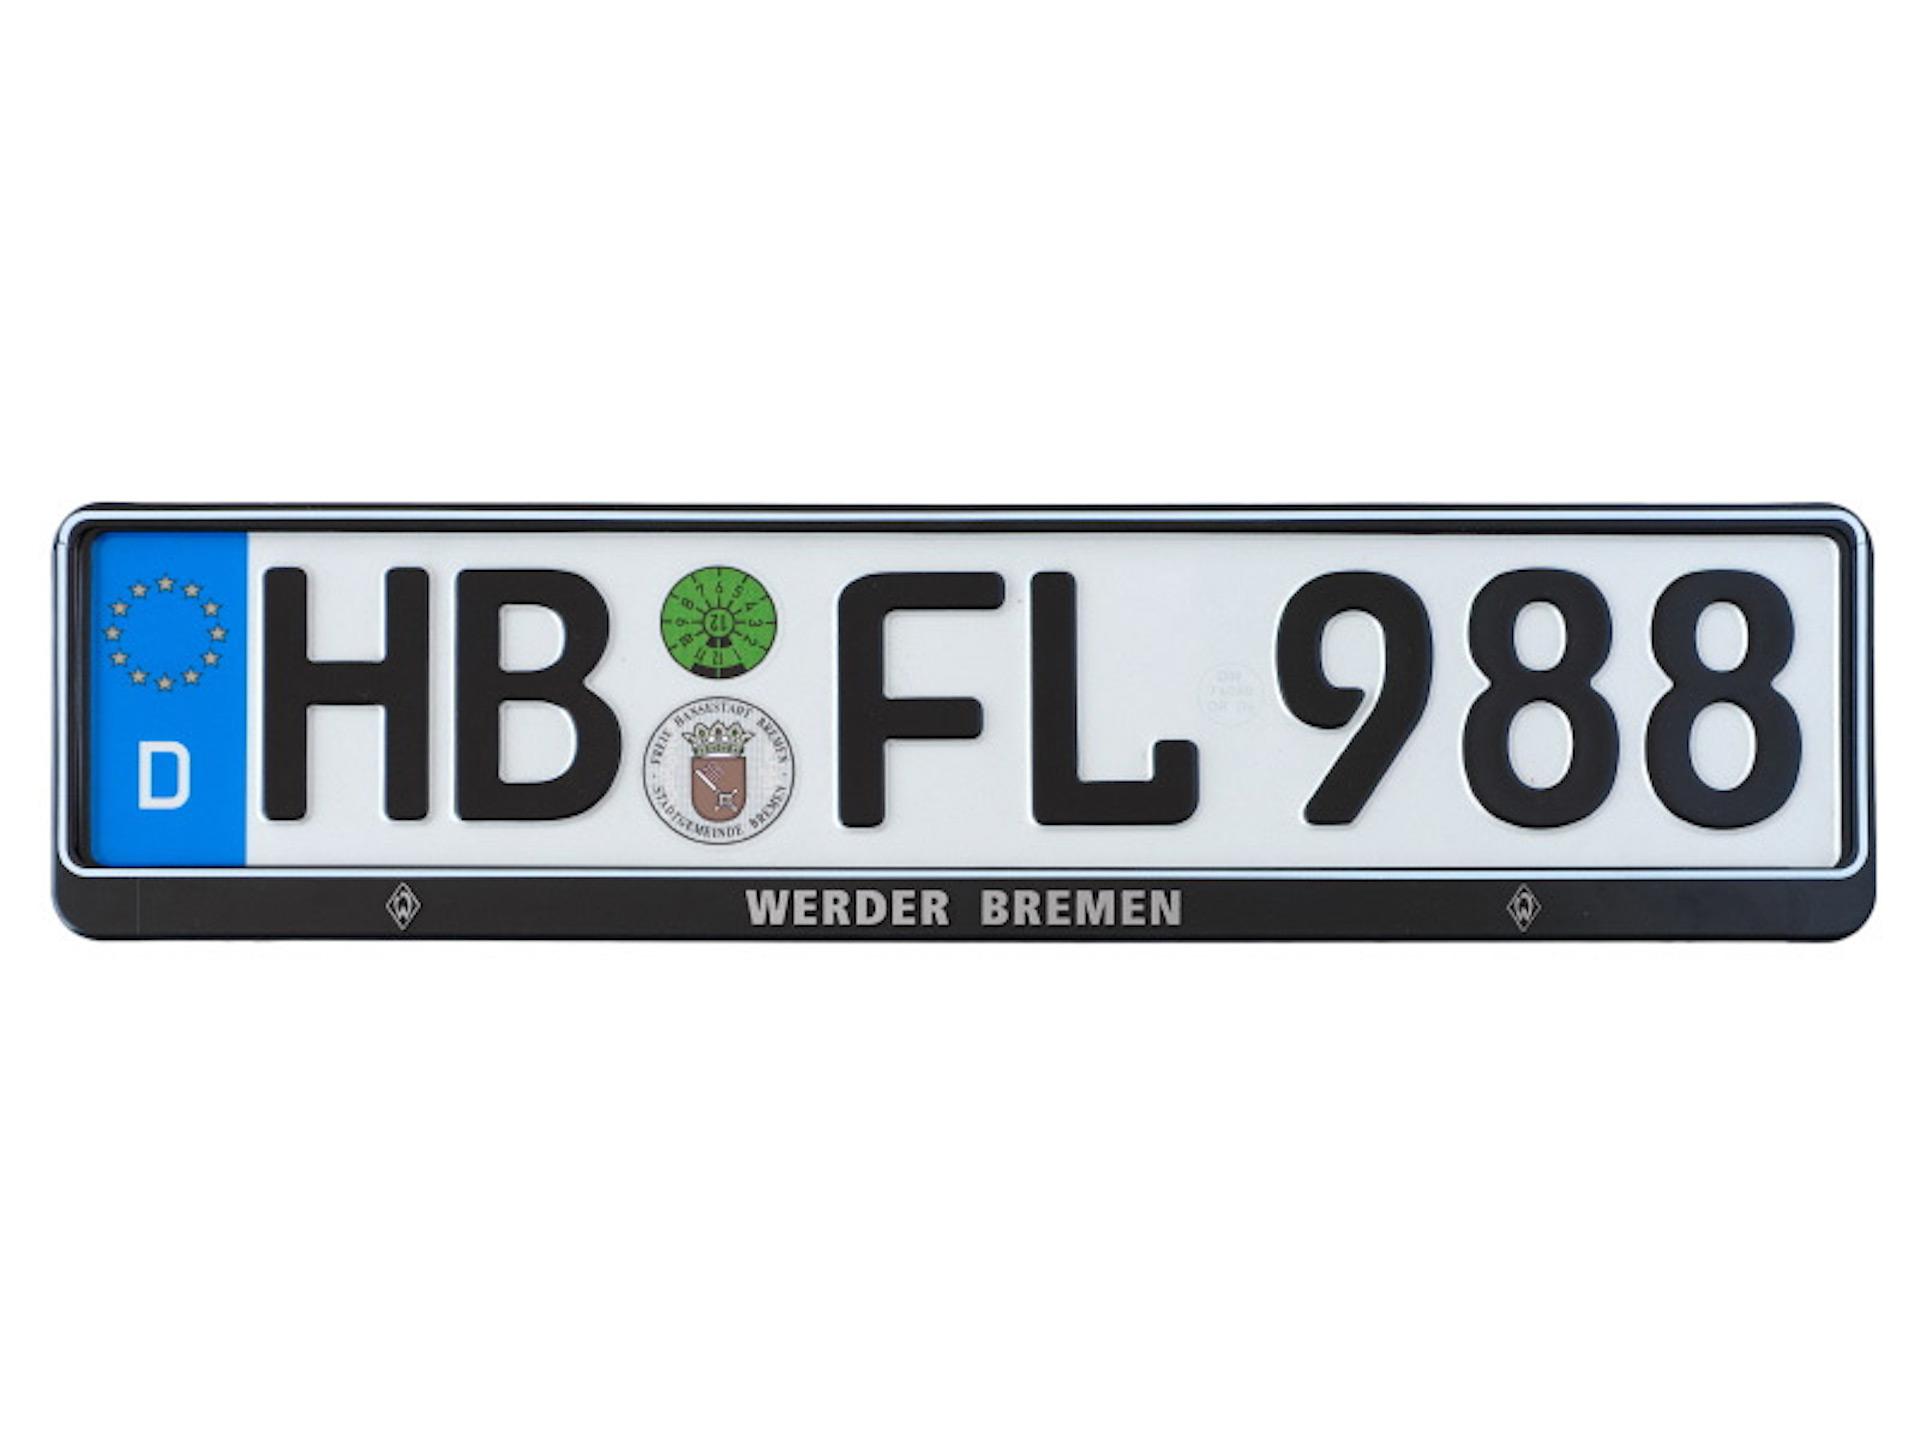 Werder Bremen Kennzeichenhalter